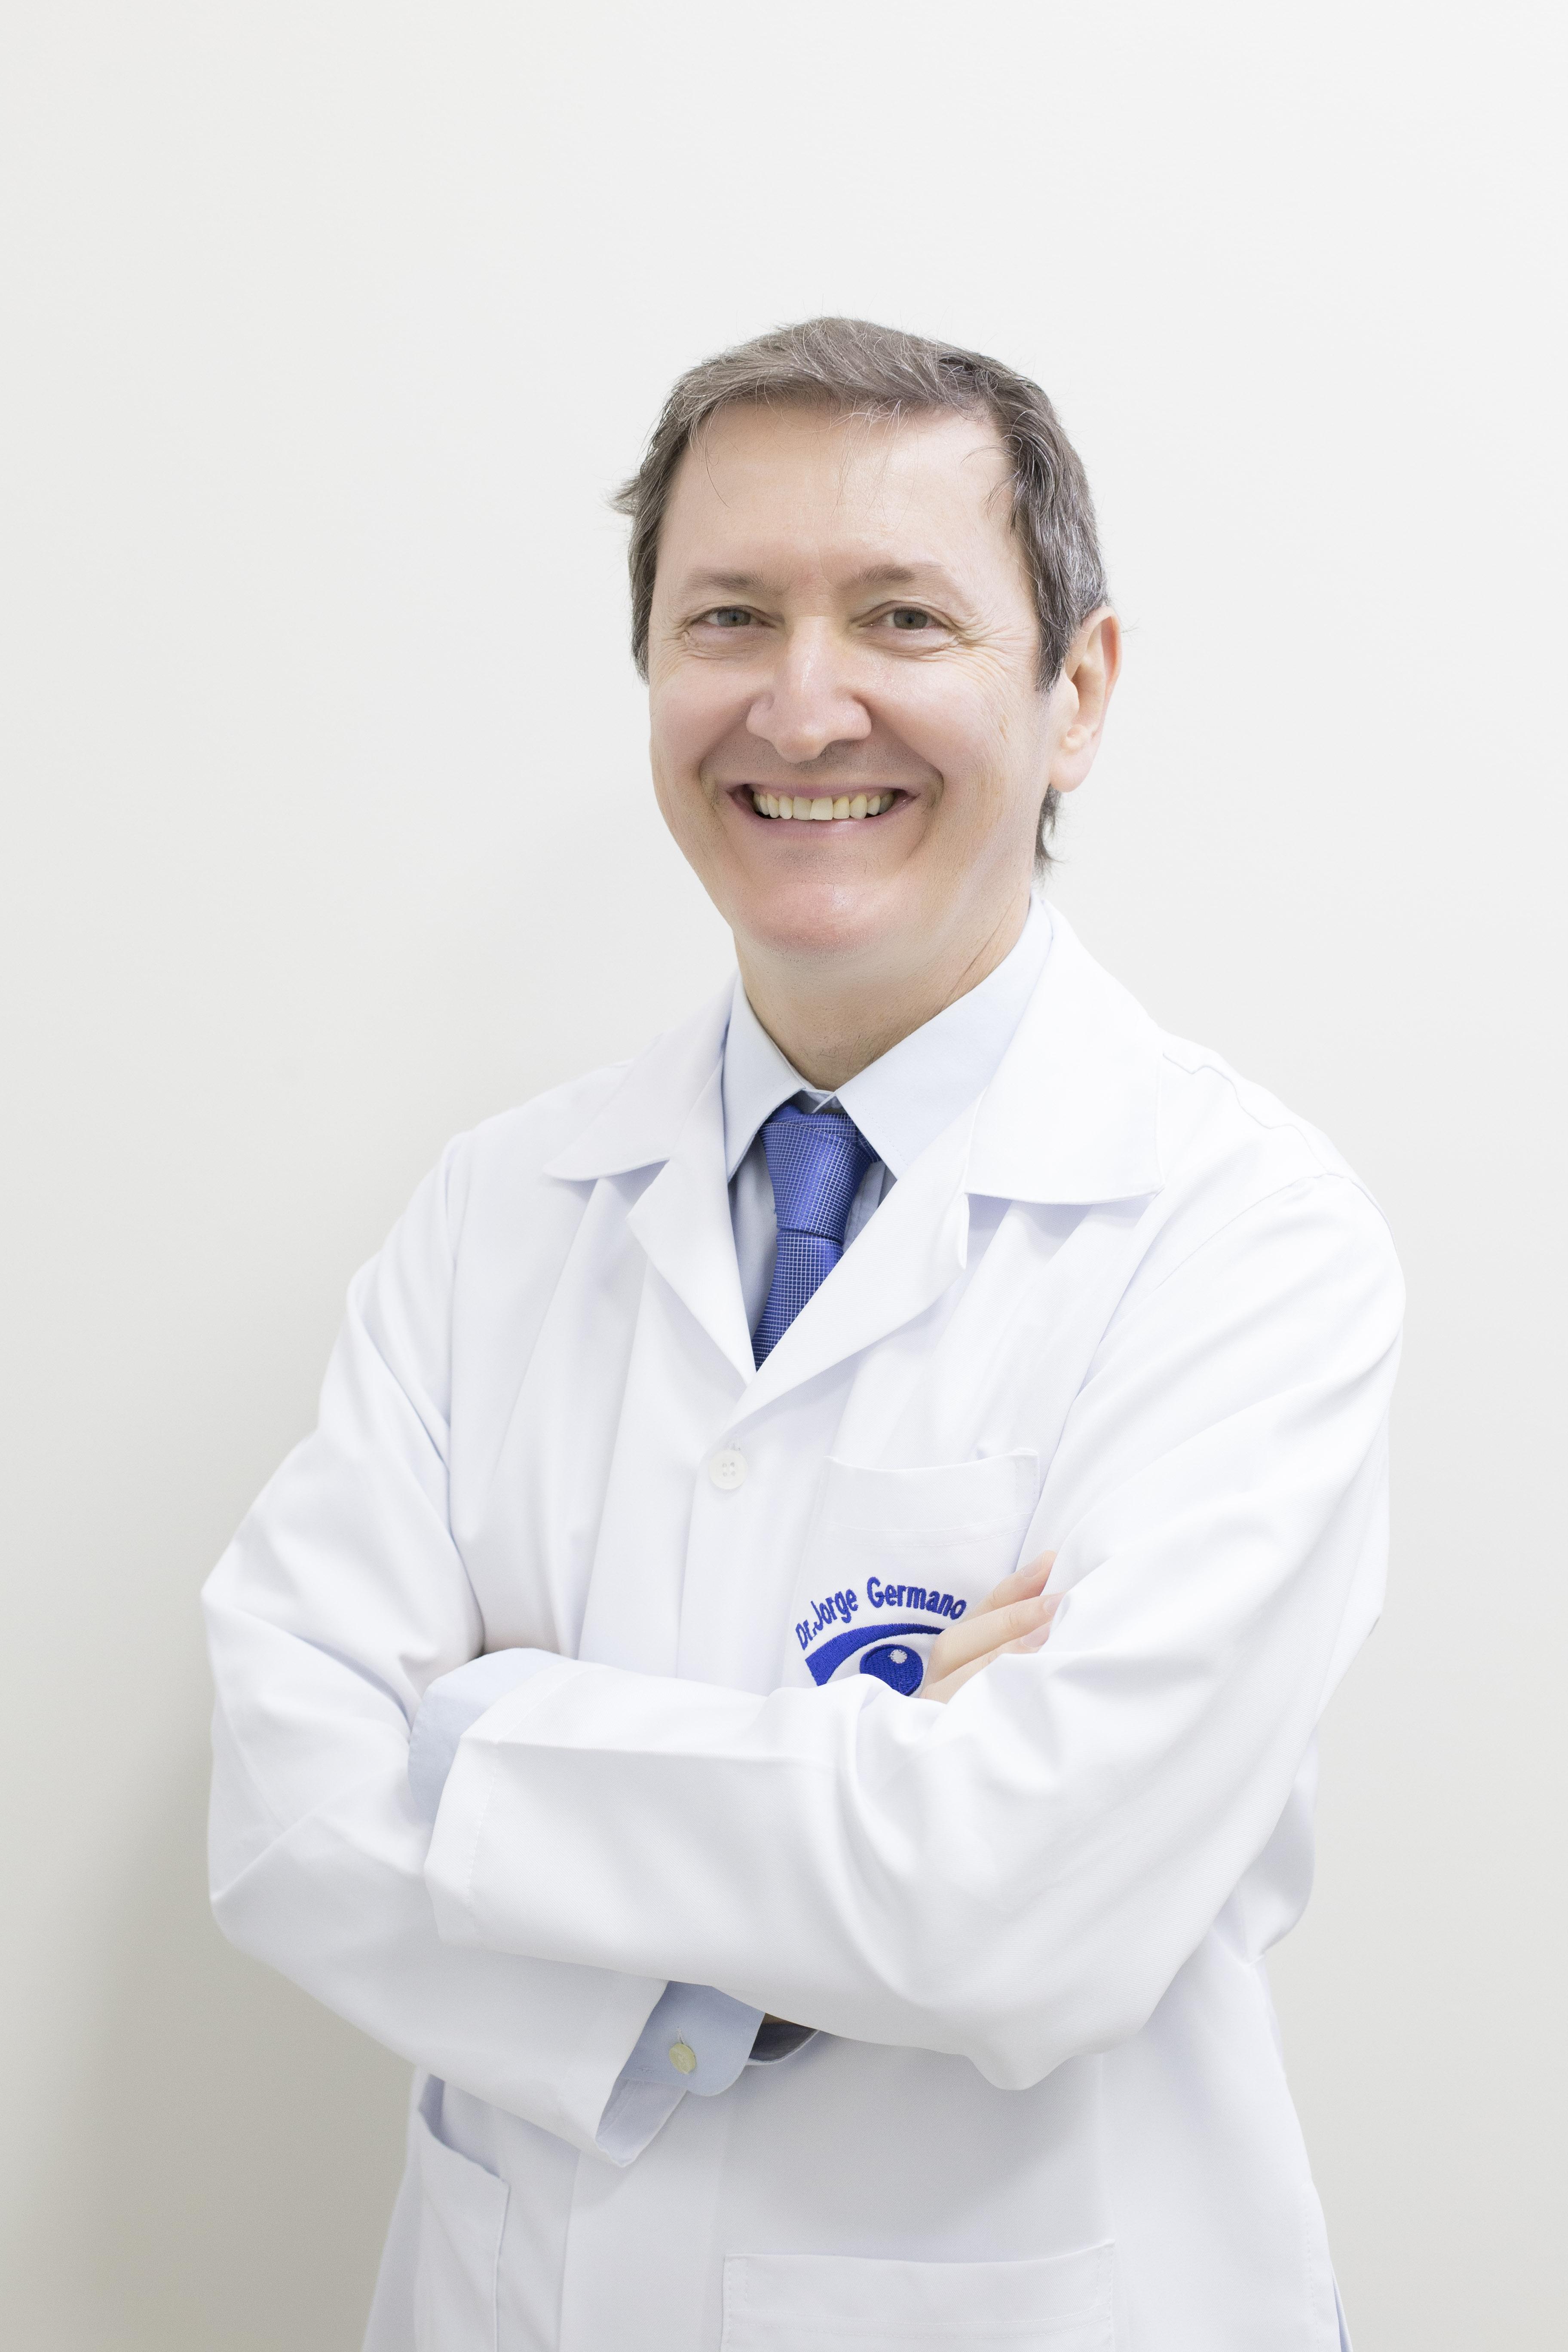 Dr Jorge Estefano Germano